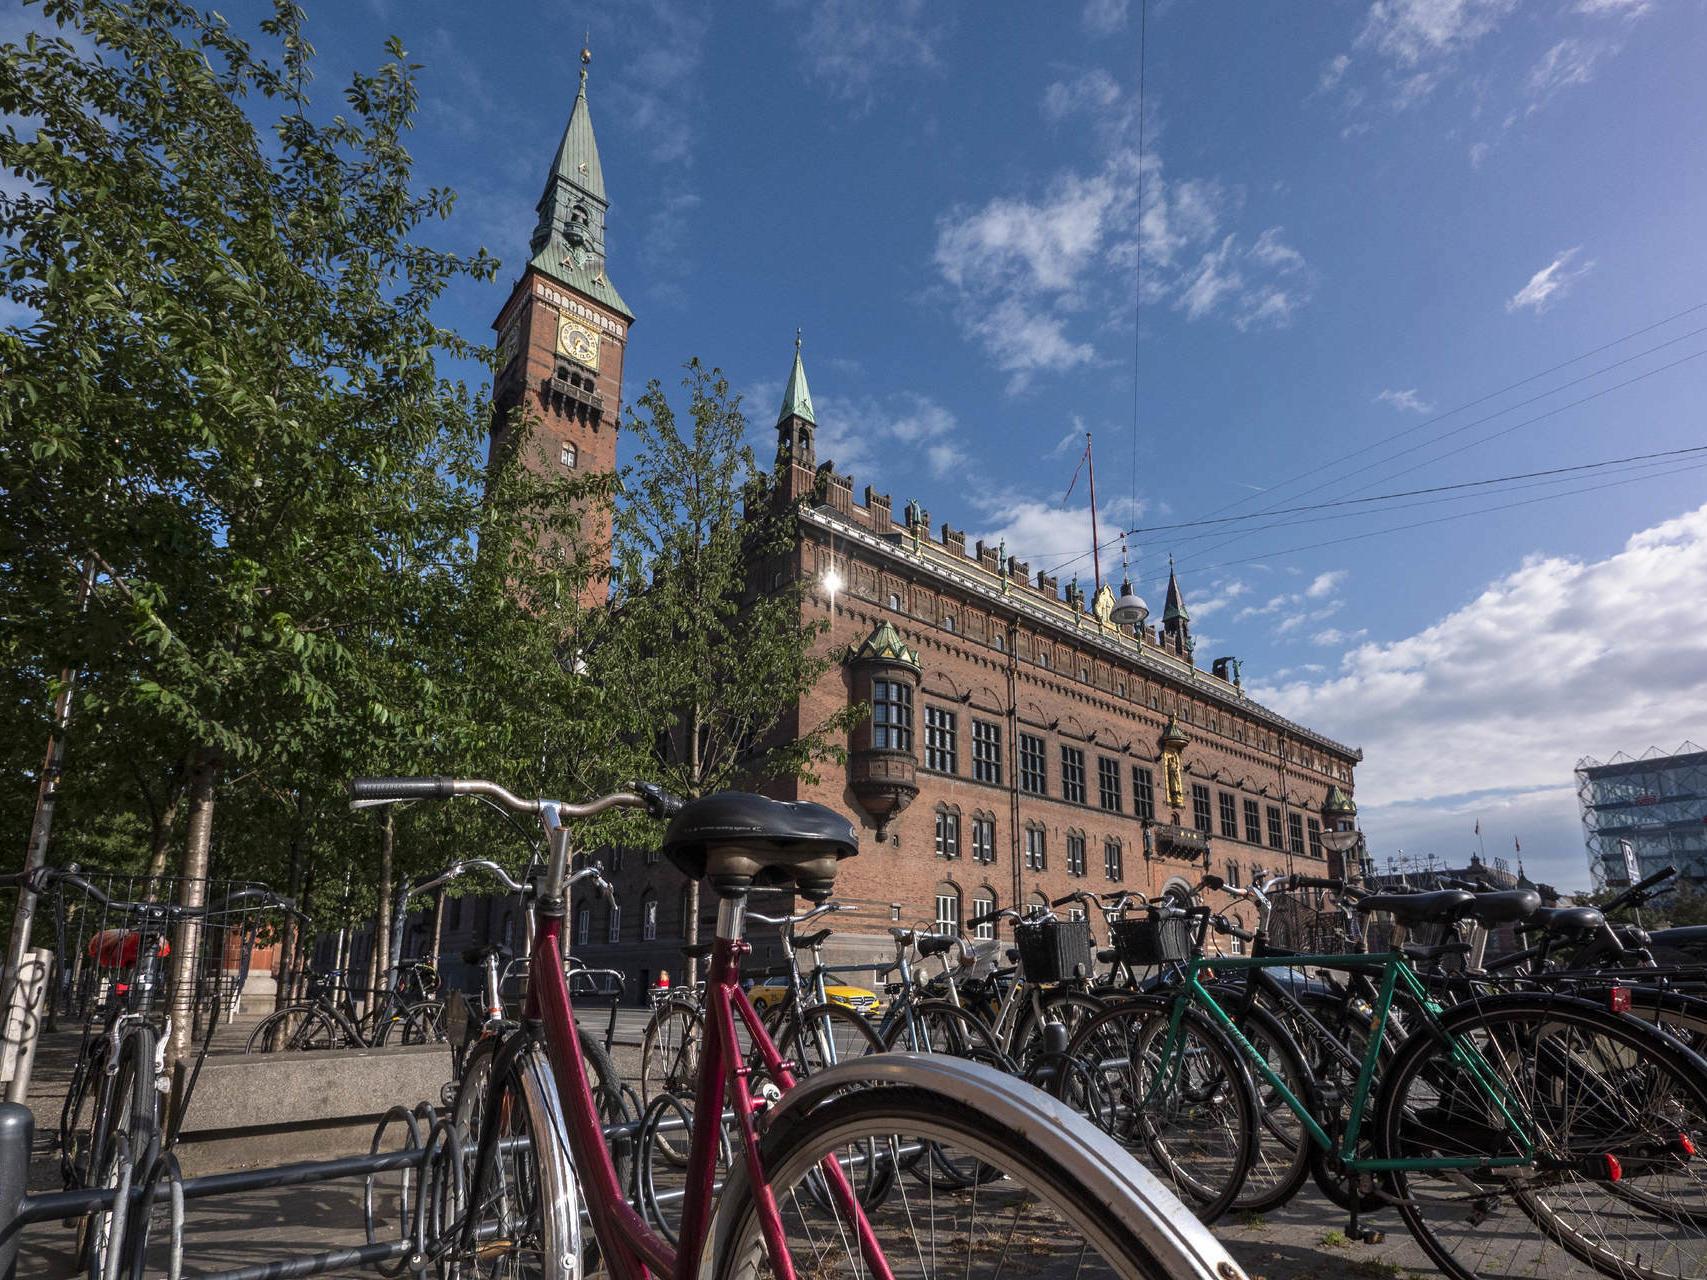 Radhuspladsen København